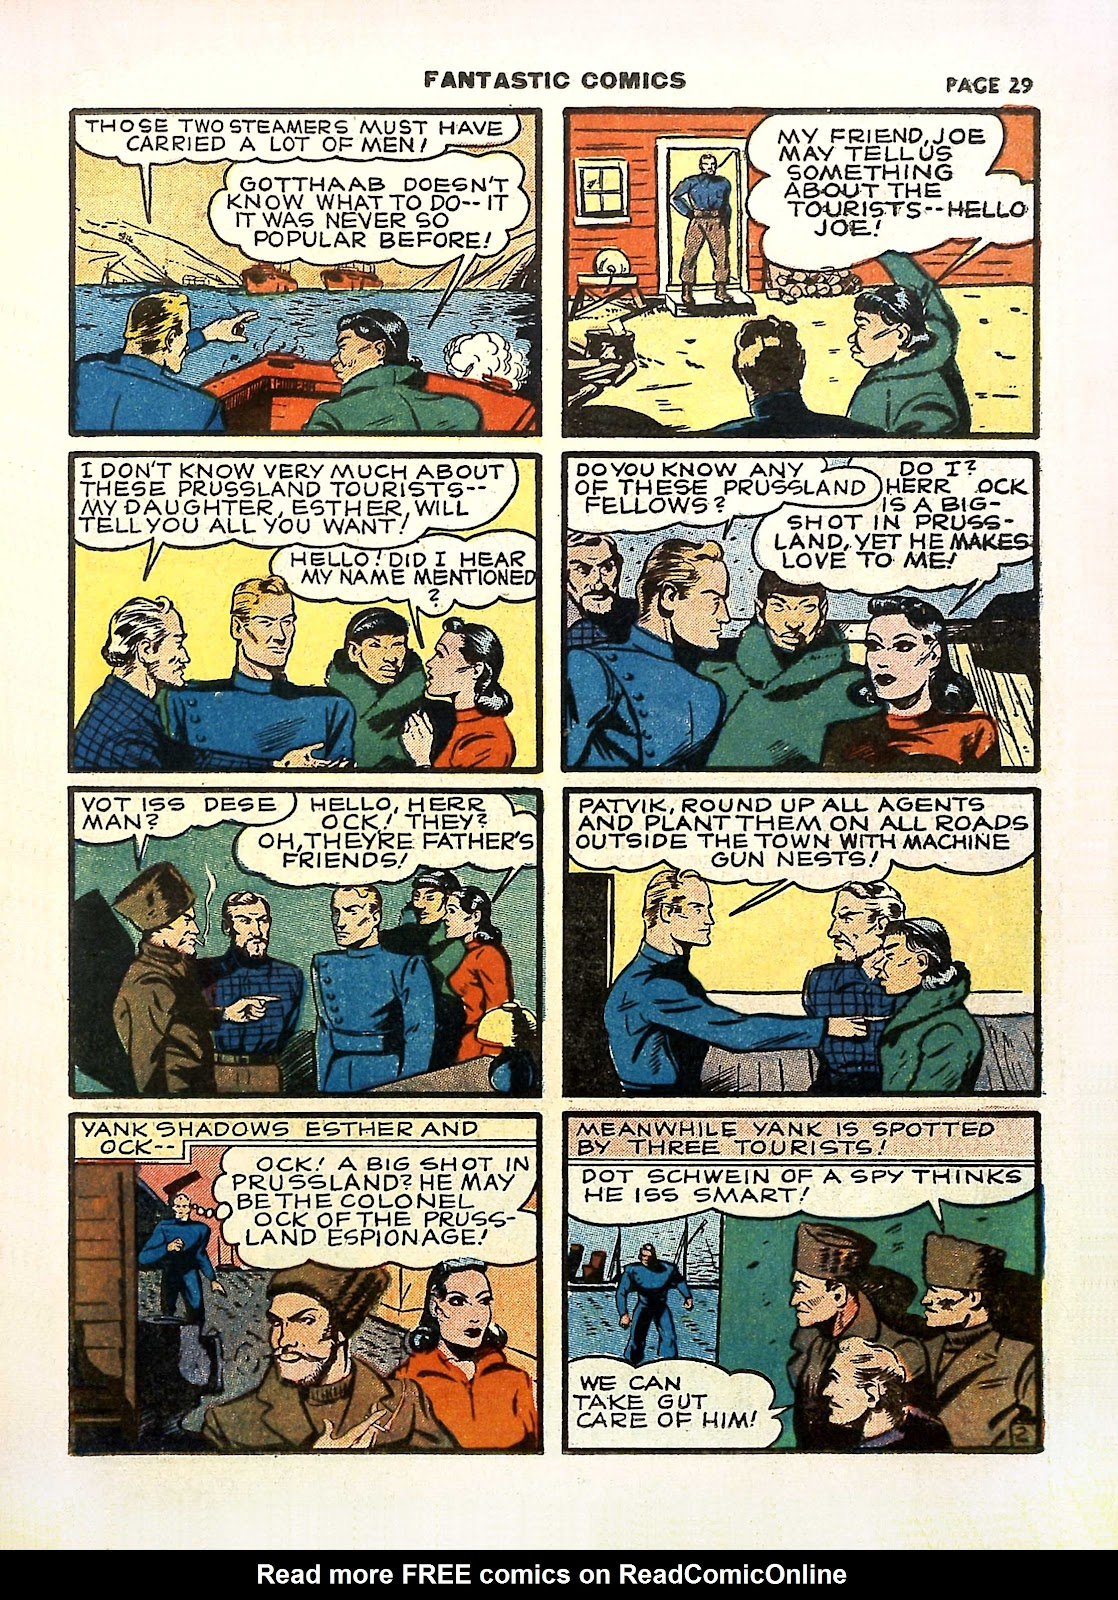 Read online Fantastic Comics comic -  Issue #11 - 32